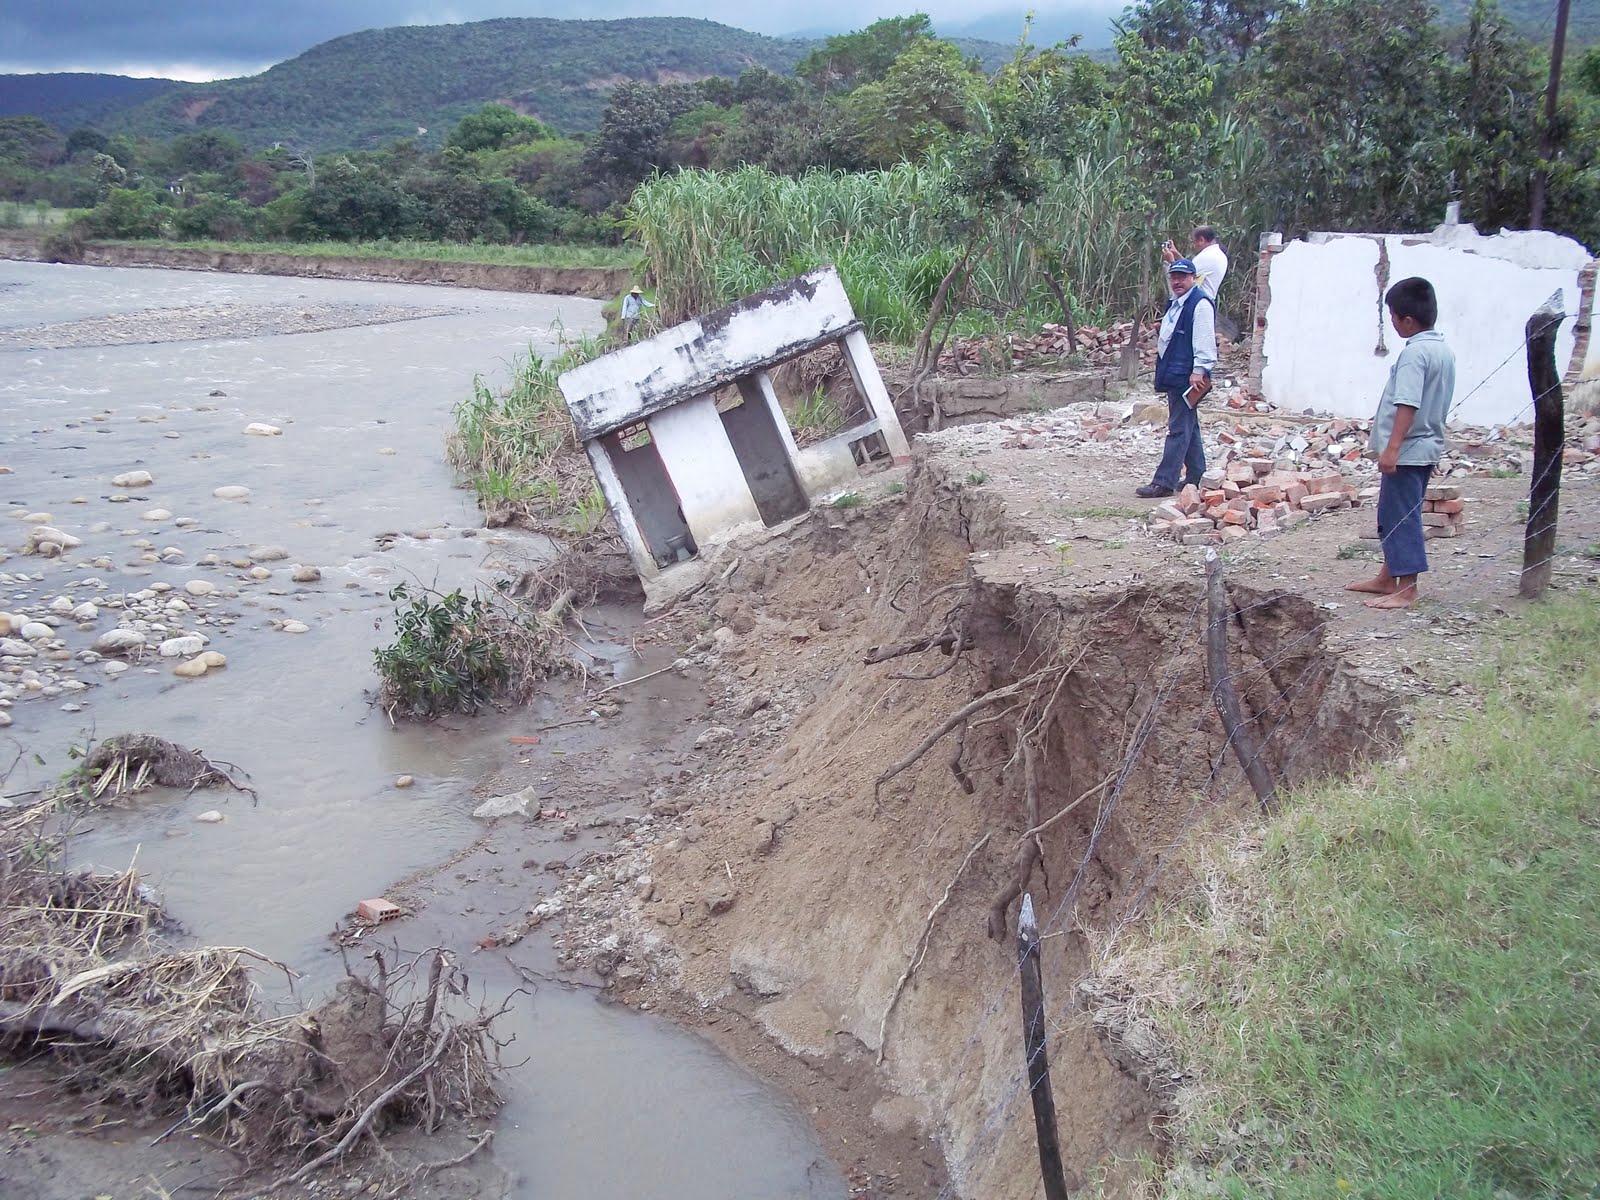 REVISTA AL DIA - Cúcuta, Colombia: Fenómeno de la niña persiste en Cúcuta